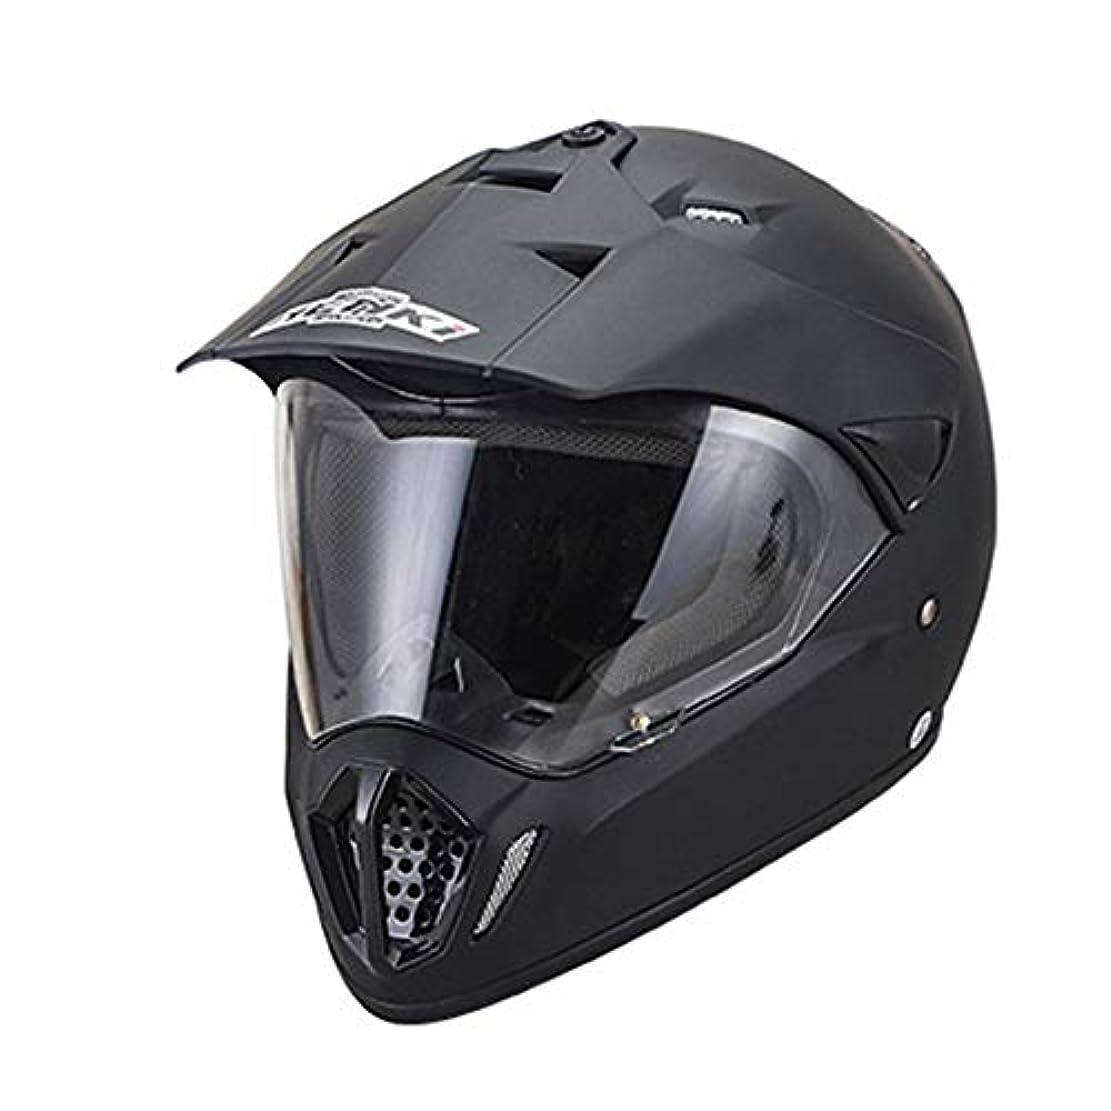 進捗ライド縫うHYH モトクロスヘルメットオフロードヘルメットレーシング冬人格メンズフルカバーフェイスヘルメットフルフェイスヘルメット四季 - マットブラック - 大 - 通気性の快適さ いい人生